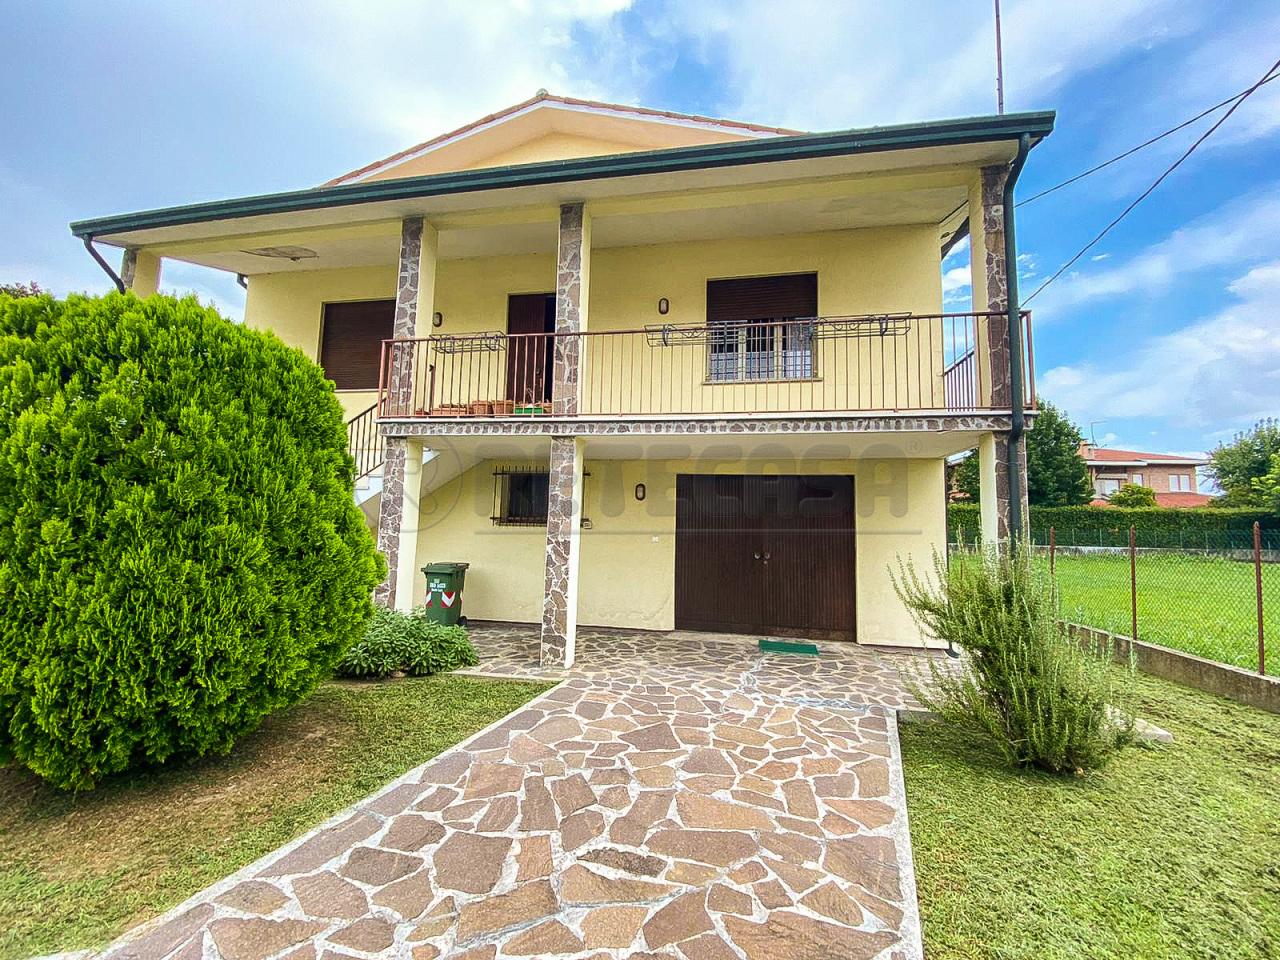 Villa in vendita a Camisano Vicentino, 8 locali, prezzo € 171.000 | PortaleAgenzieImmobiliari.it